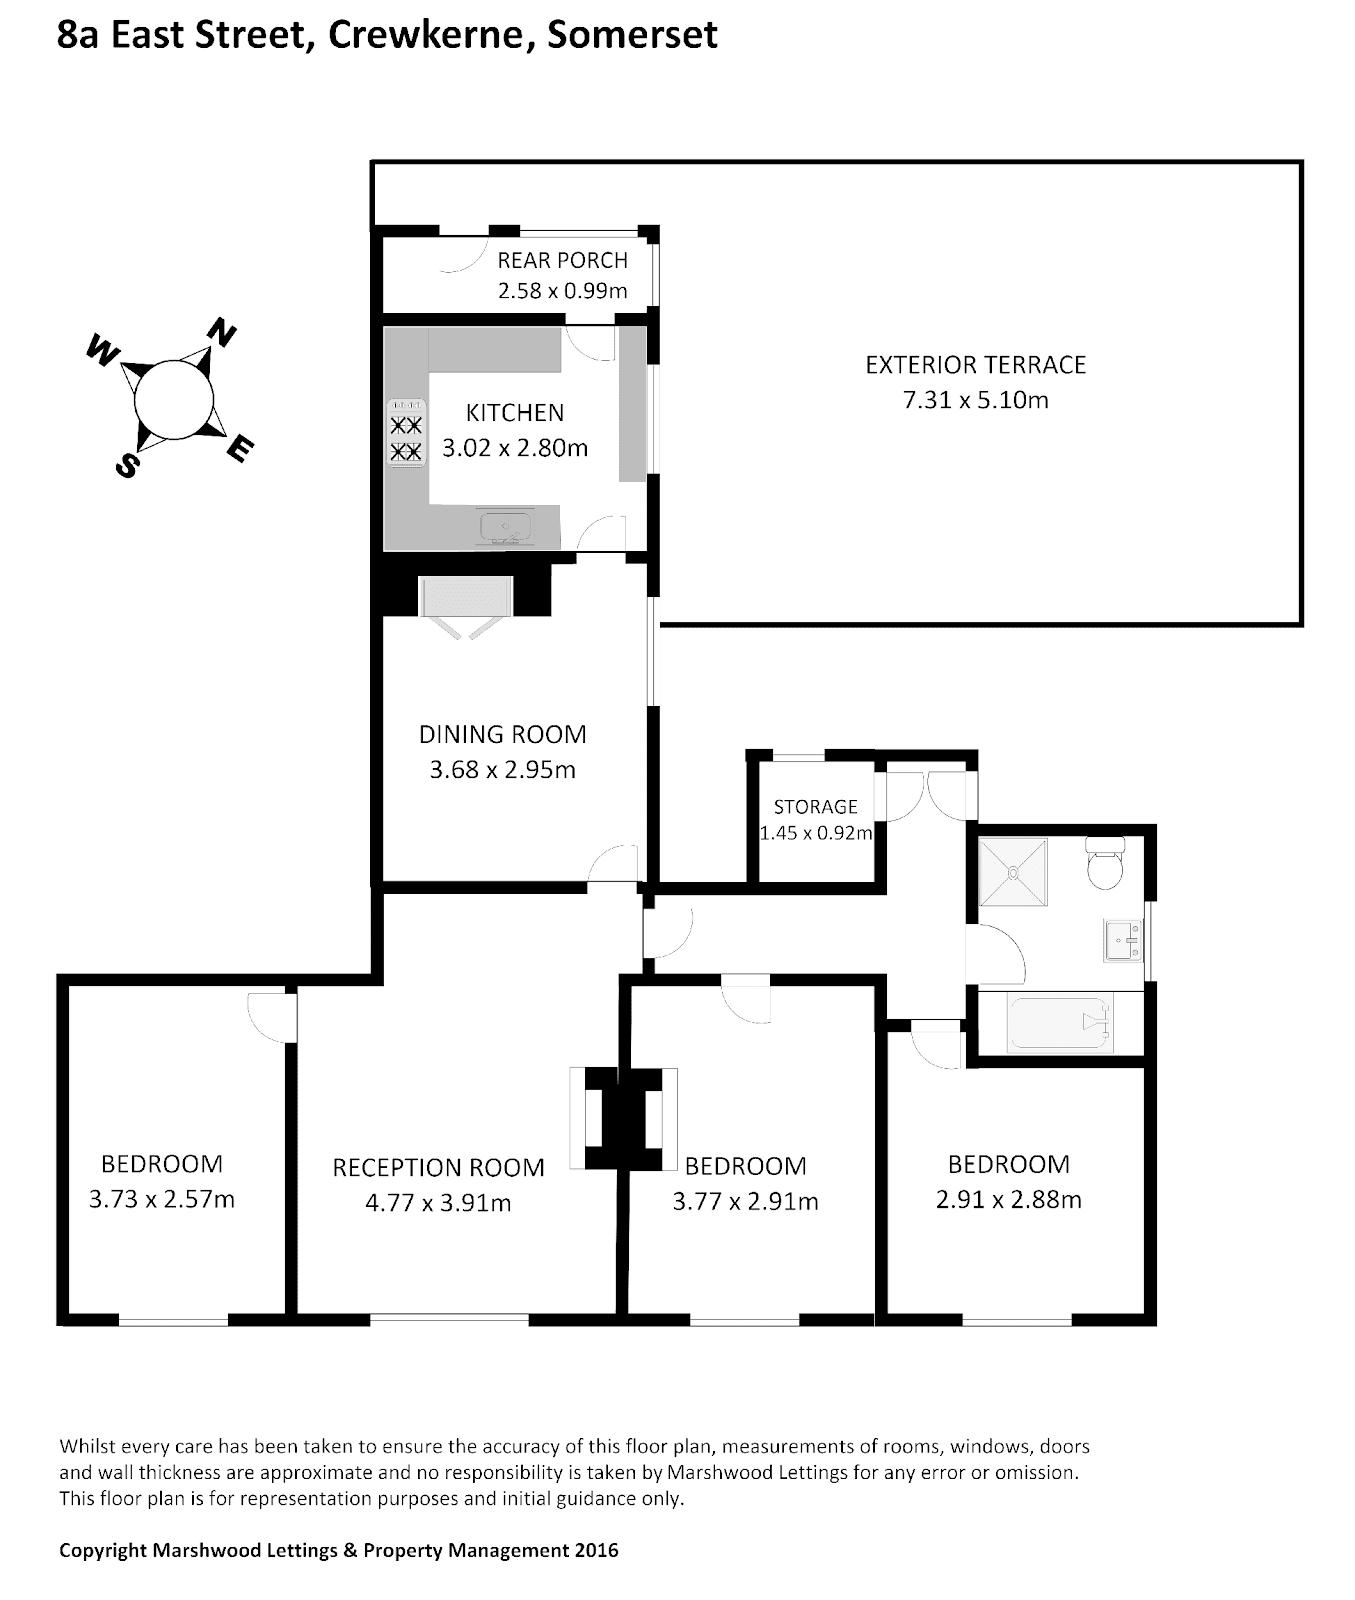 8a East Street Floor Plan Final Google Docs.png